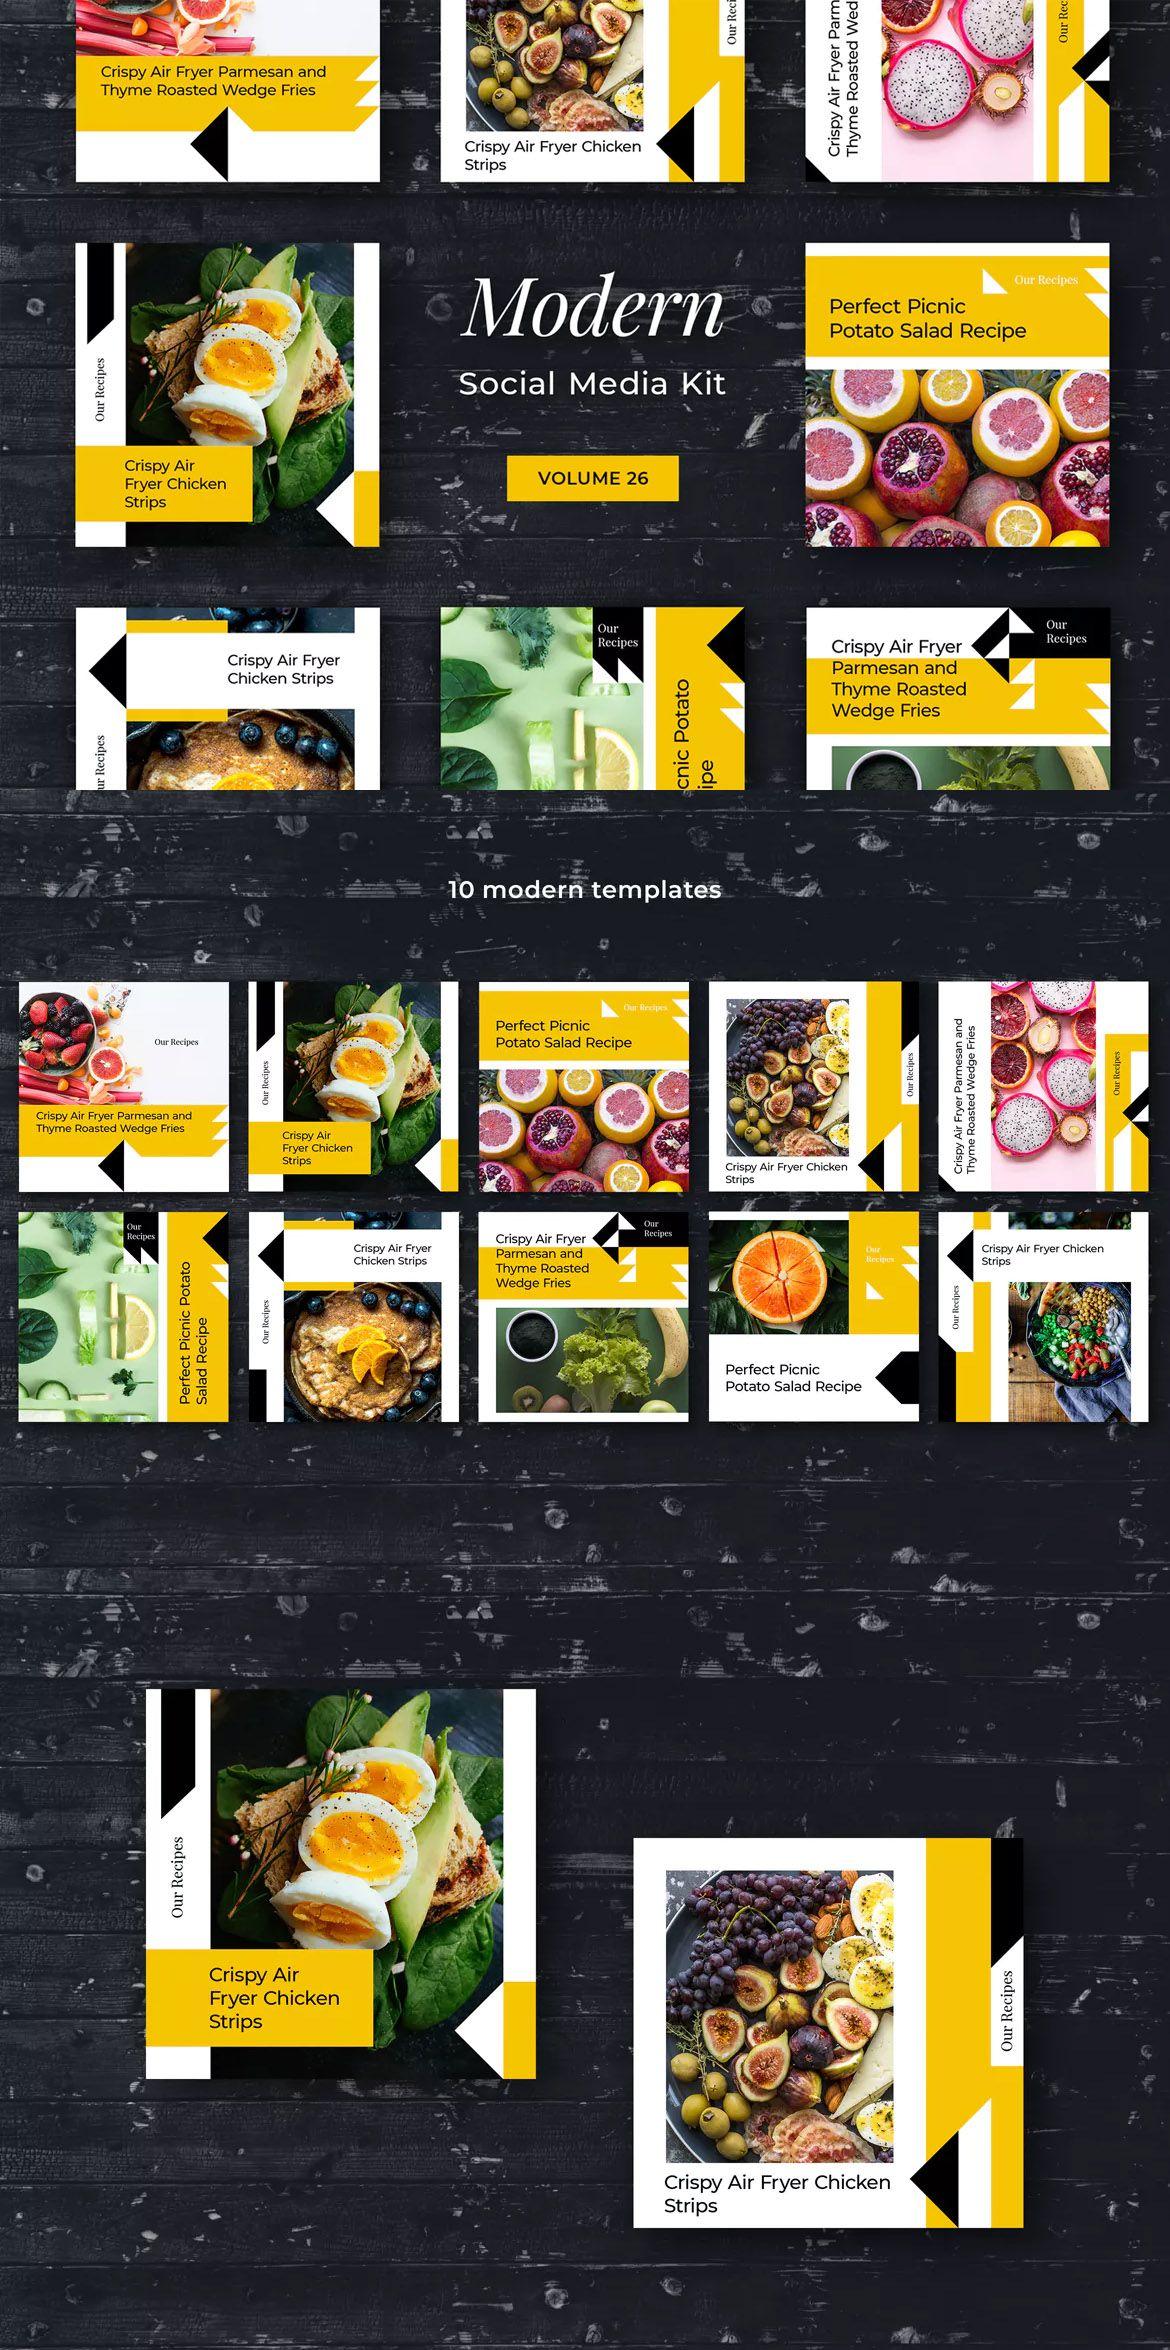 Modern Social Media Kit Vol 26 By Uispot On Media Kit